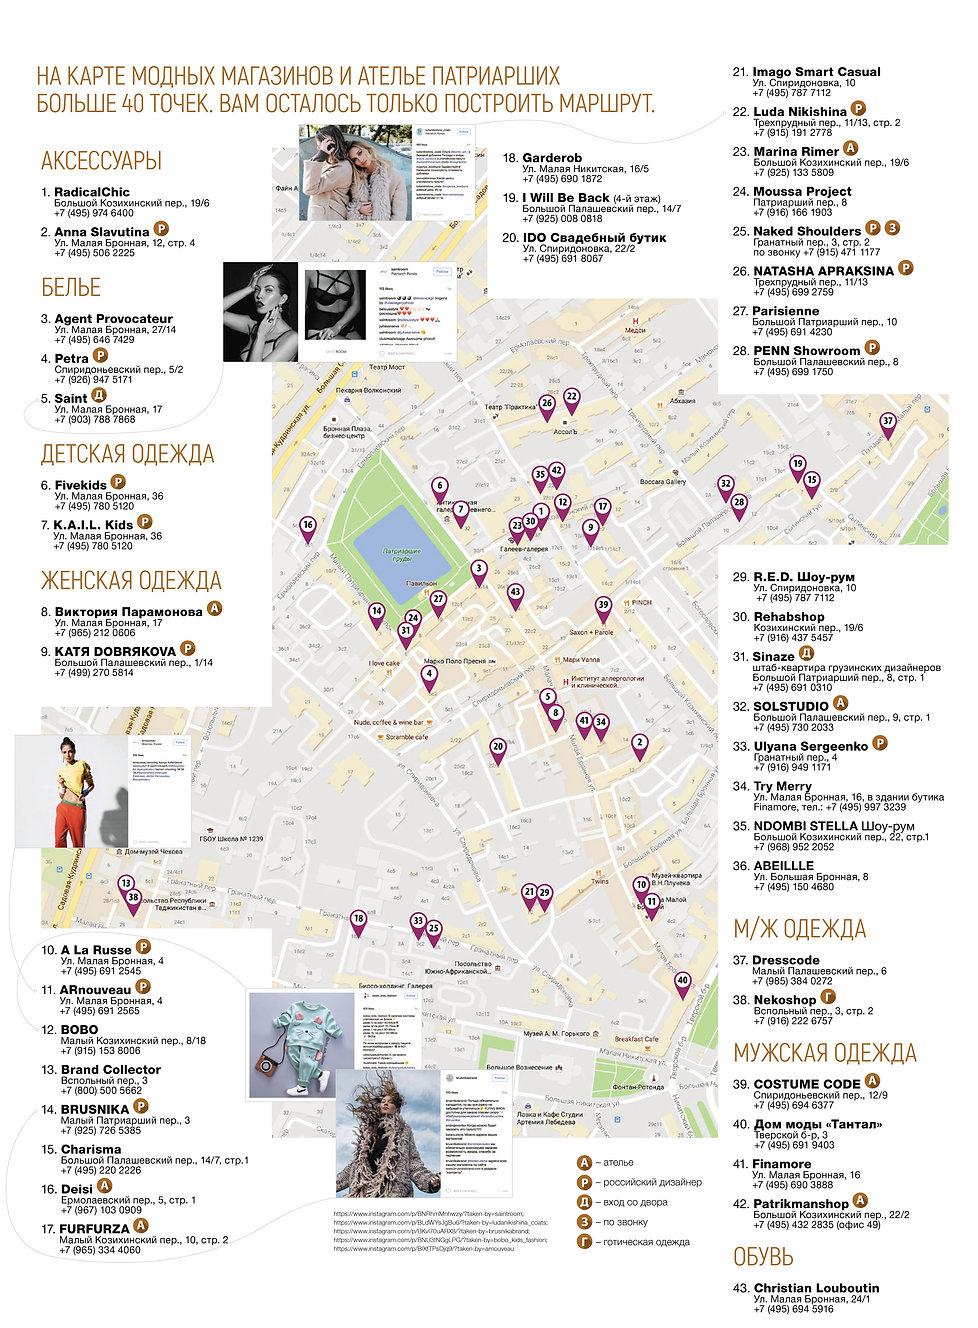 Карта модных магазинов.jpg